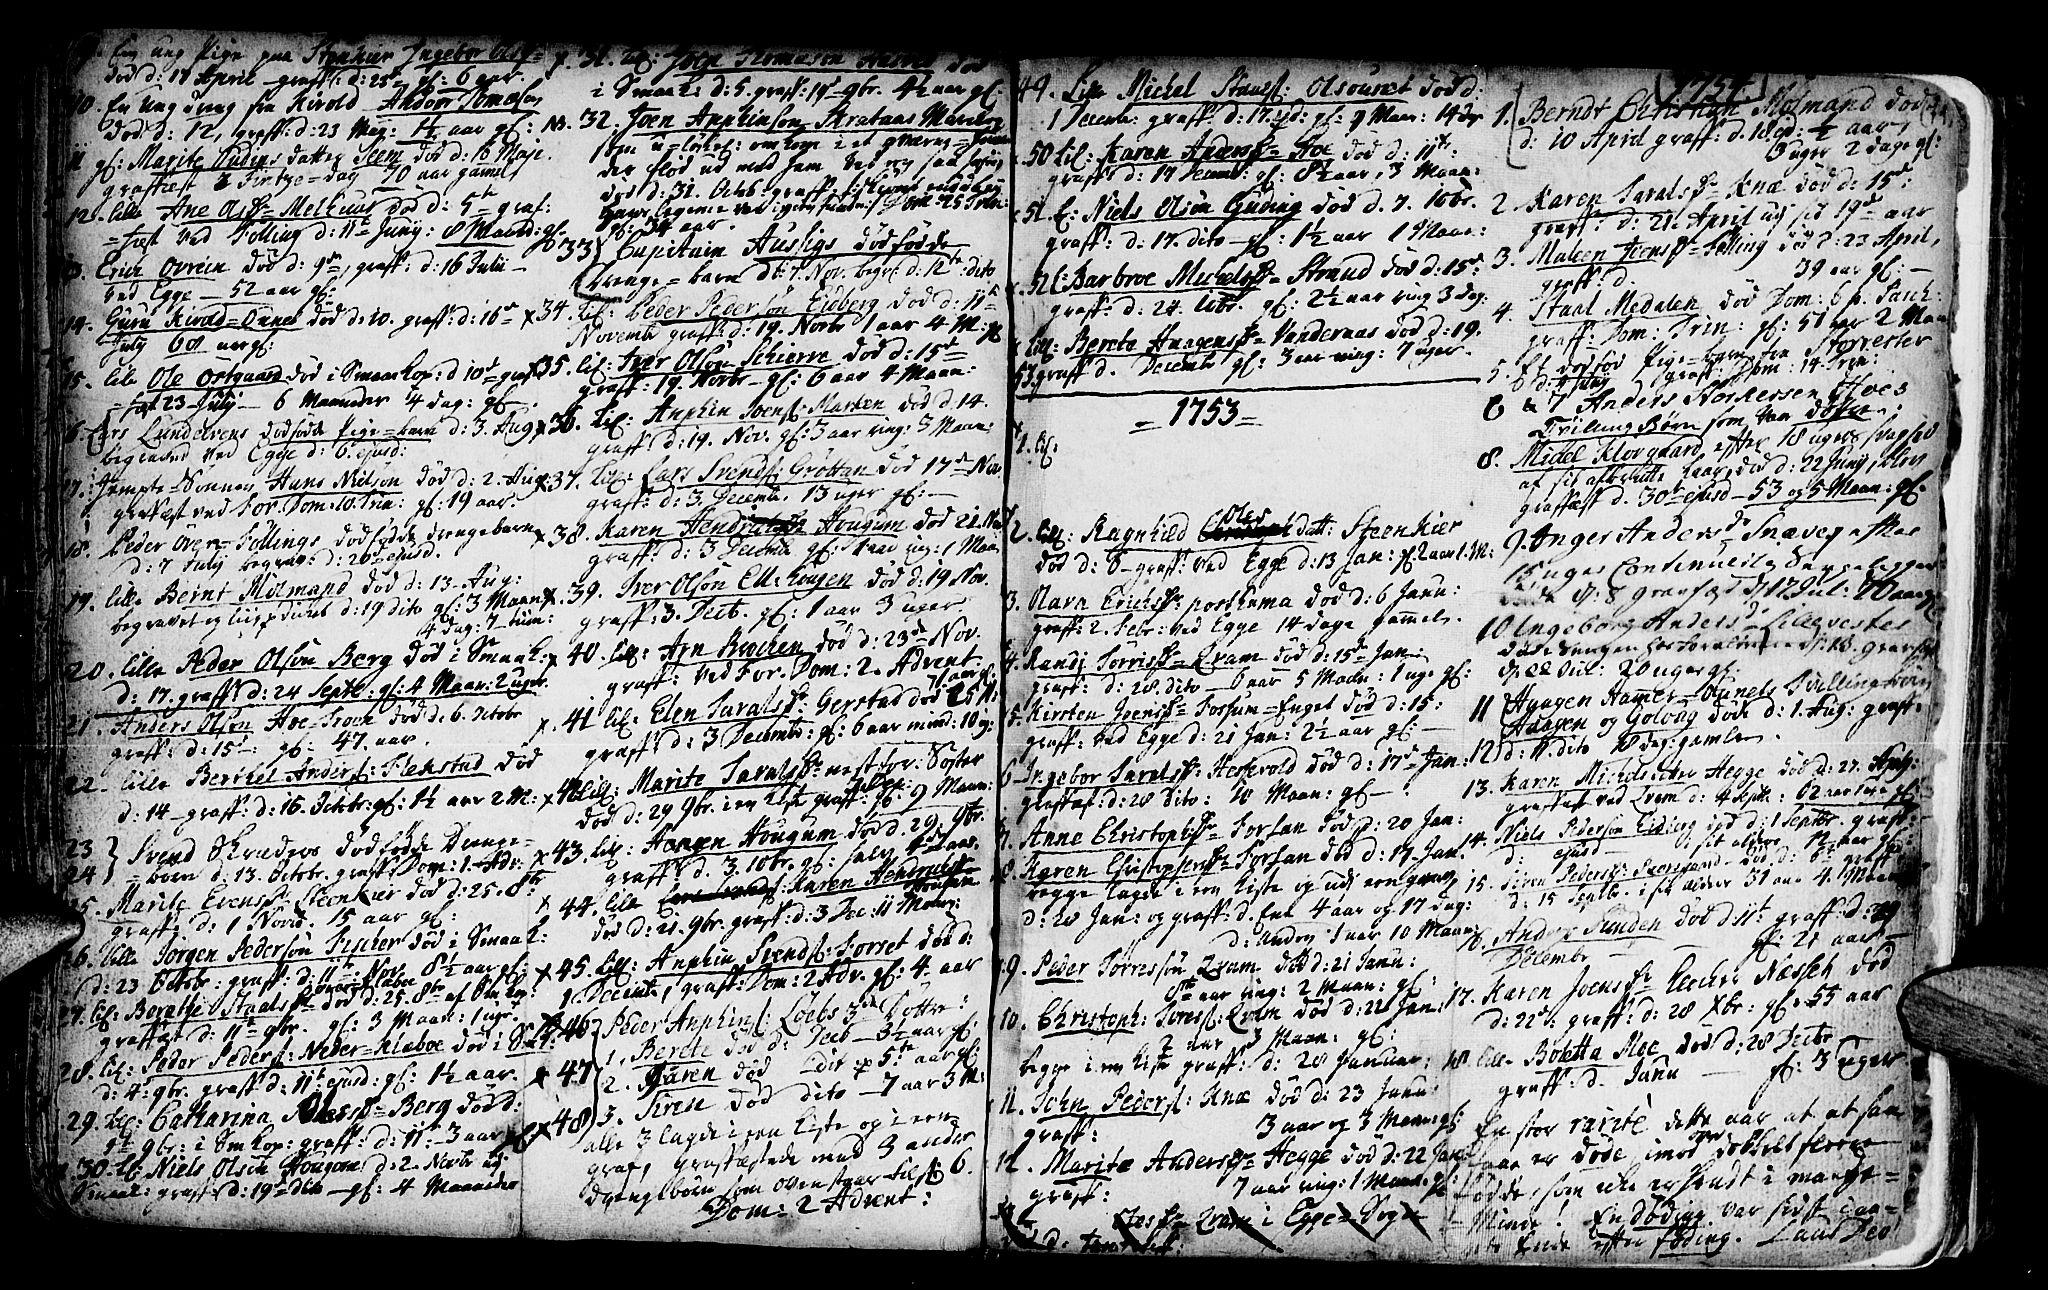 SAT, Ministerialprotokoller, klokkerbøker og fødselsregistre - Nord-Trøndelag, 746/L0439: Ministerialbok nr. 746A01, 1688-1759, s. 71